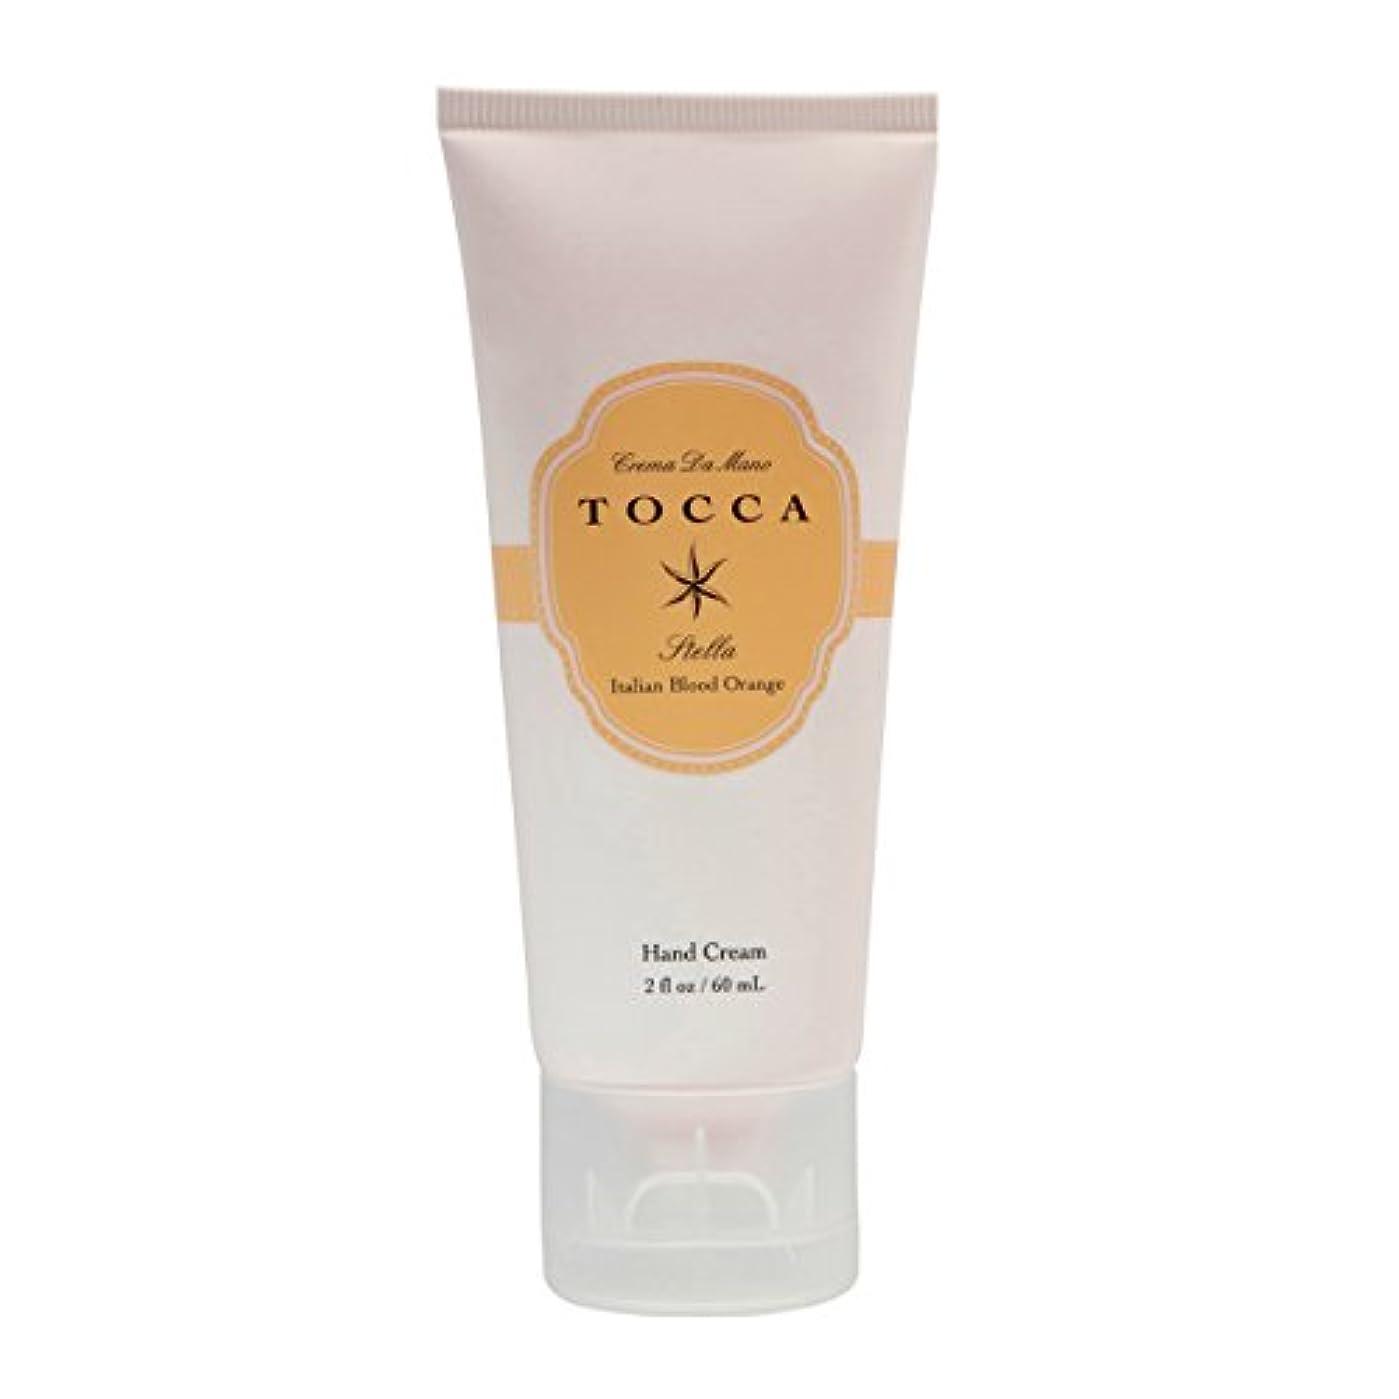 関係する出口浮浪者トッカ(TOCCA) ハンドクリーム  ステラの香り 60ml(手指用保湿 イタリアンブラッドオレンジが奏でるフレッシュでビターな爽やかさ漂う香り)